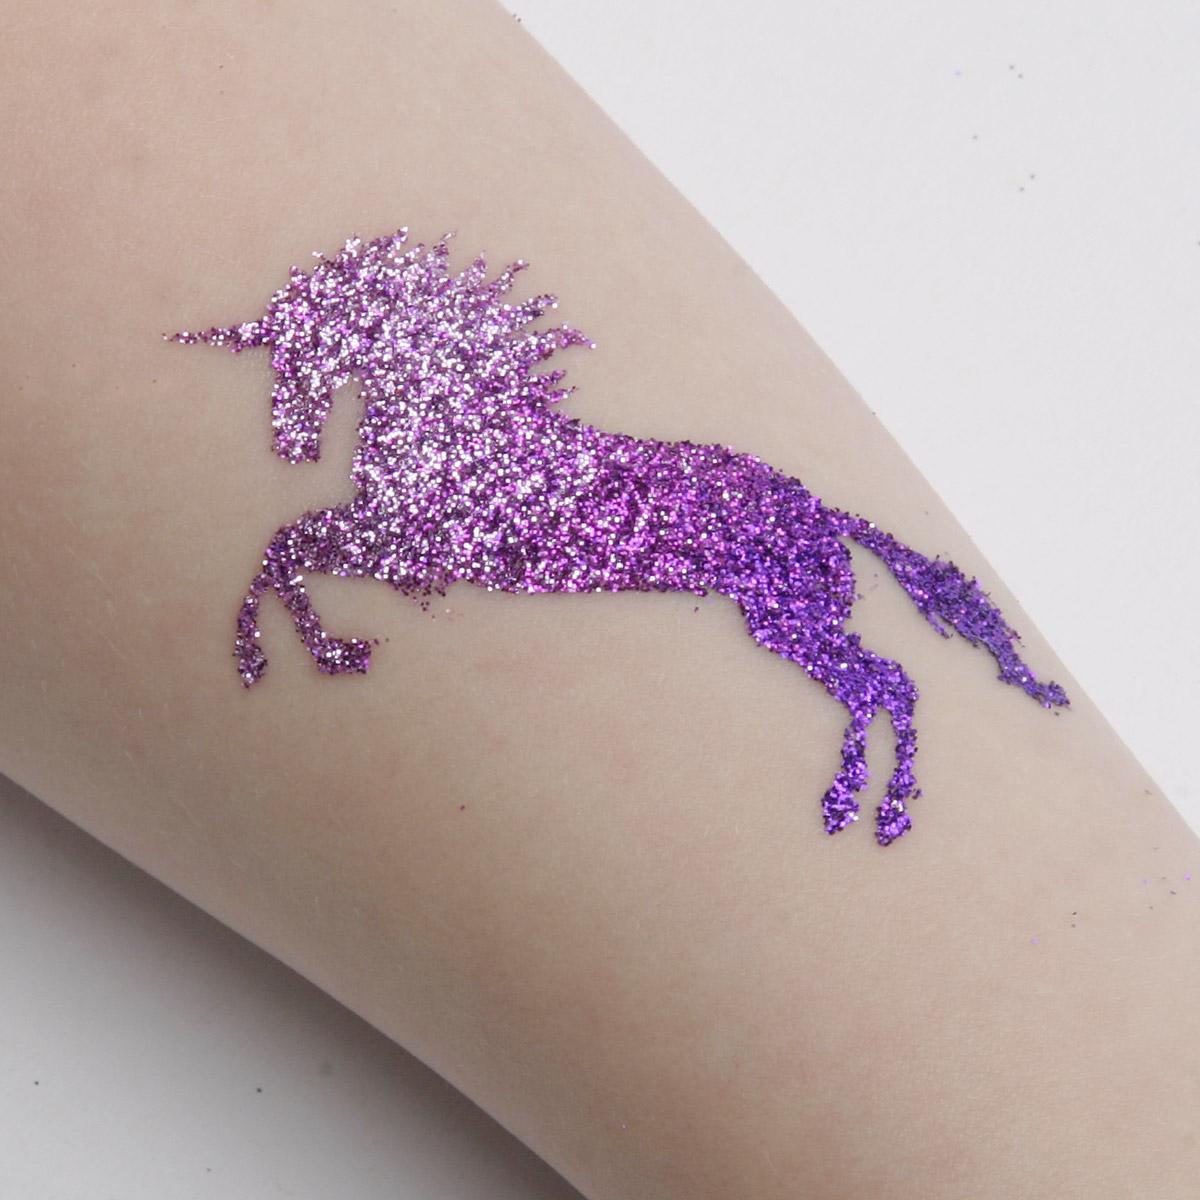 Glamourati Glitter Tattoo Kit